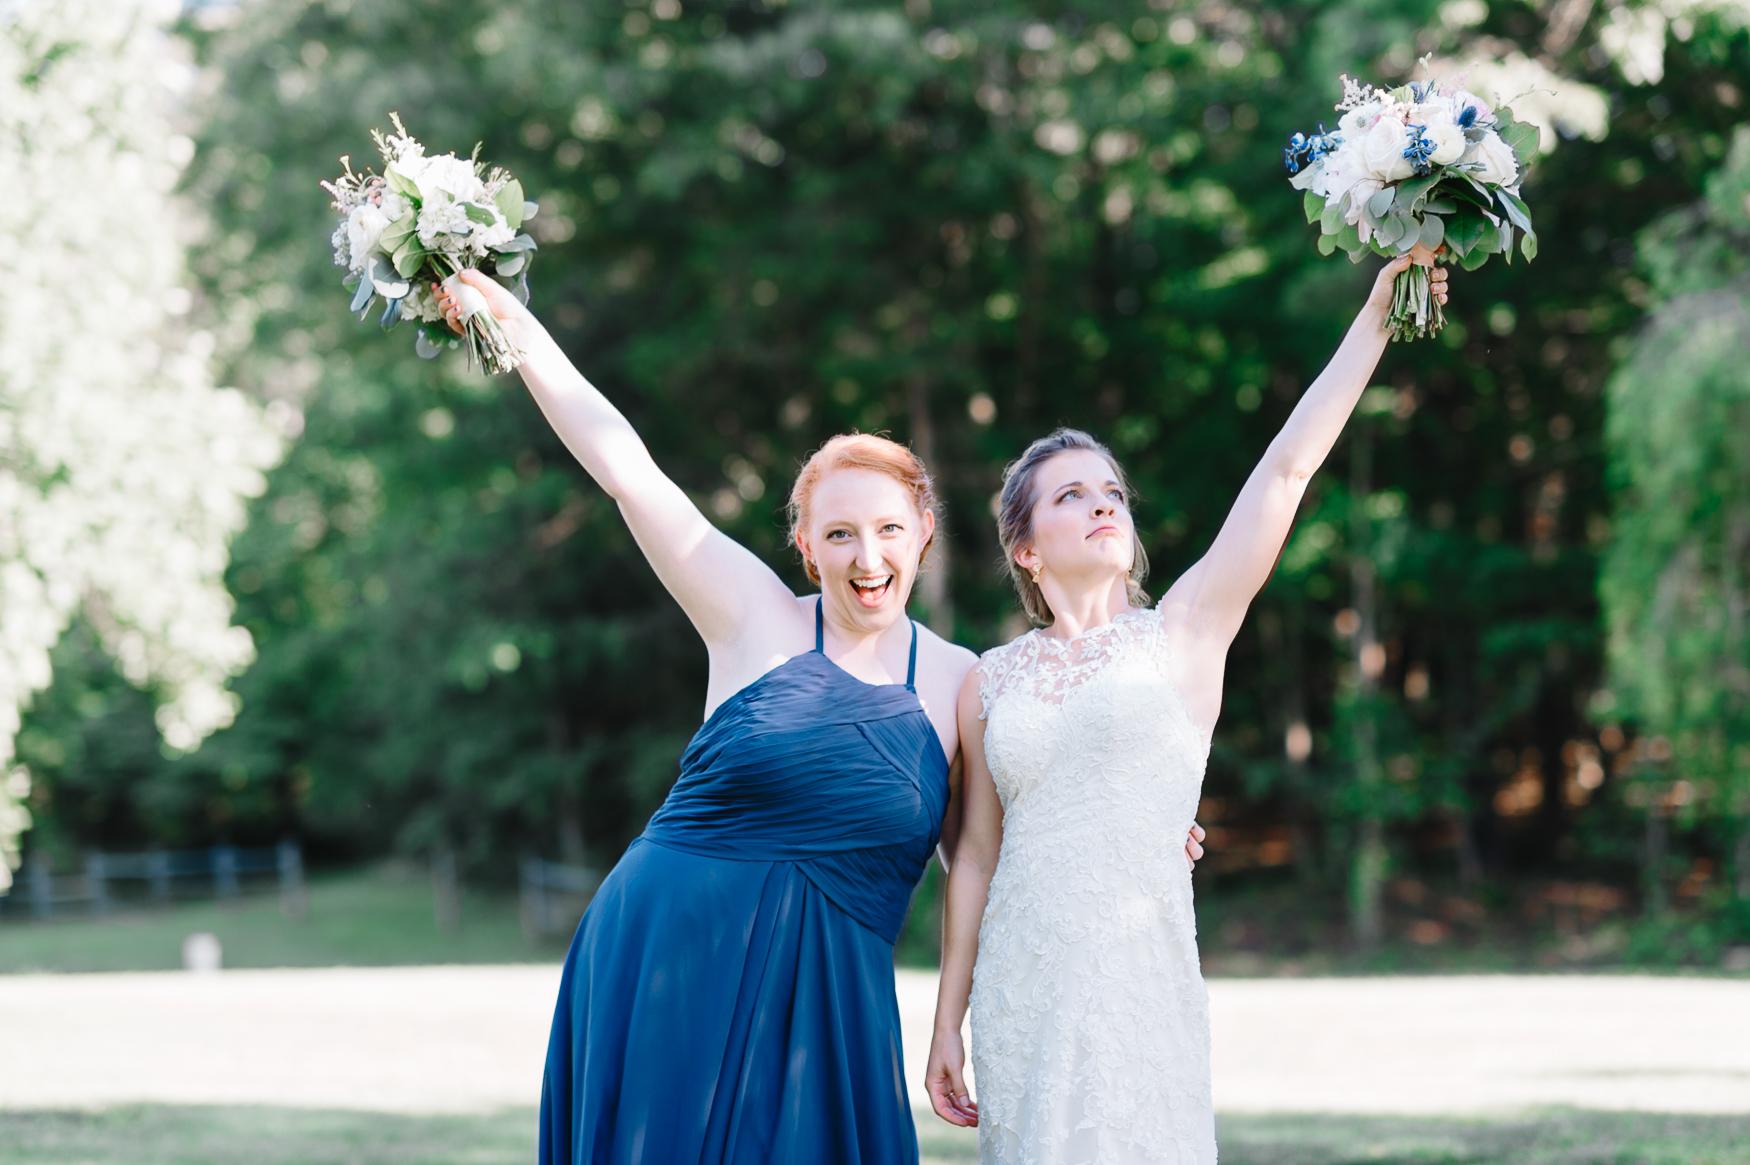 charlottesvillewedding_backyardwedding_virginia_youseephotography_CaitlinDerek (59).jpg